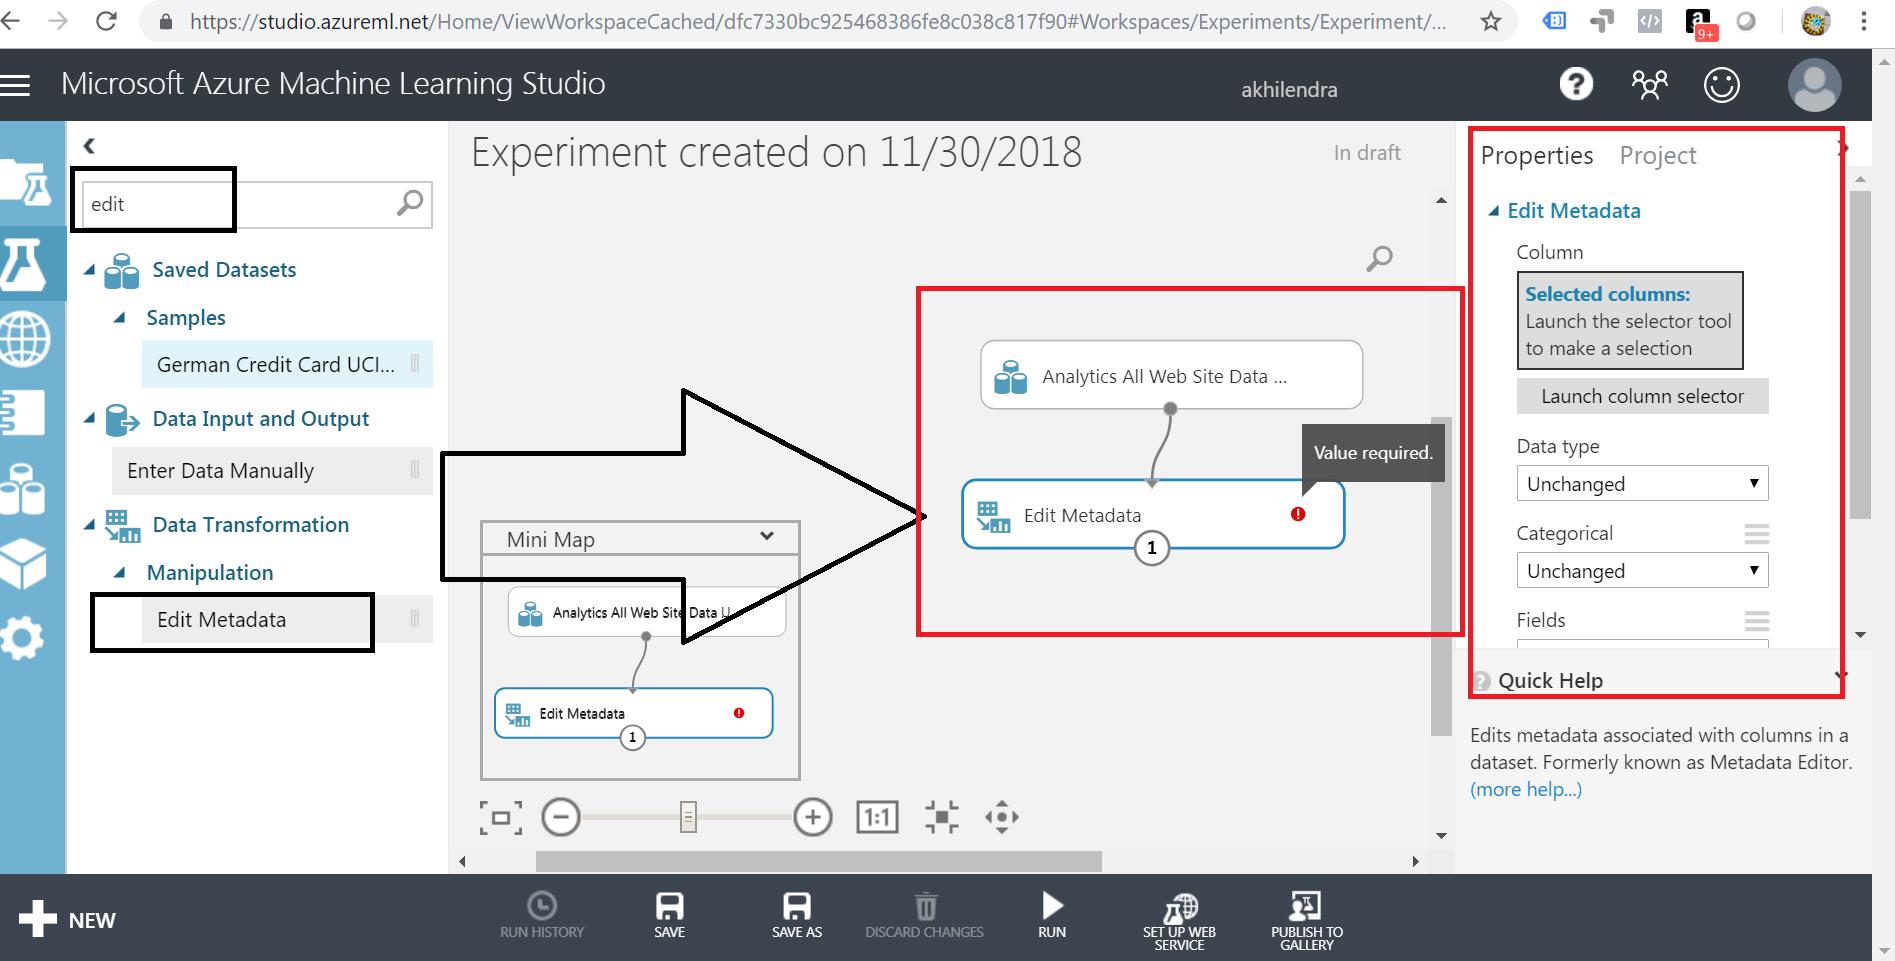 edit metadata in azure ml studio